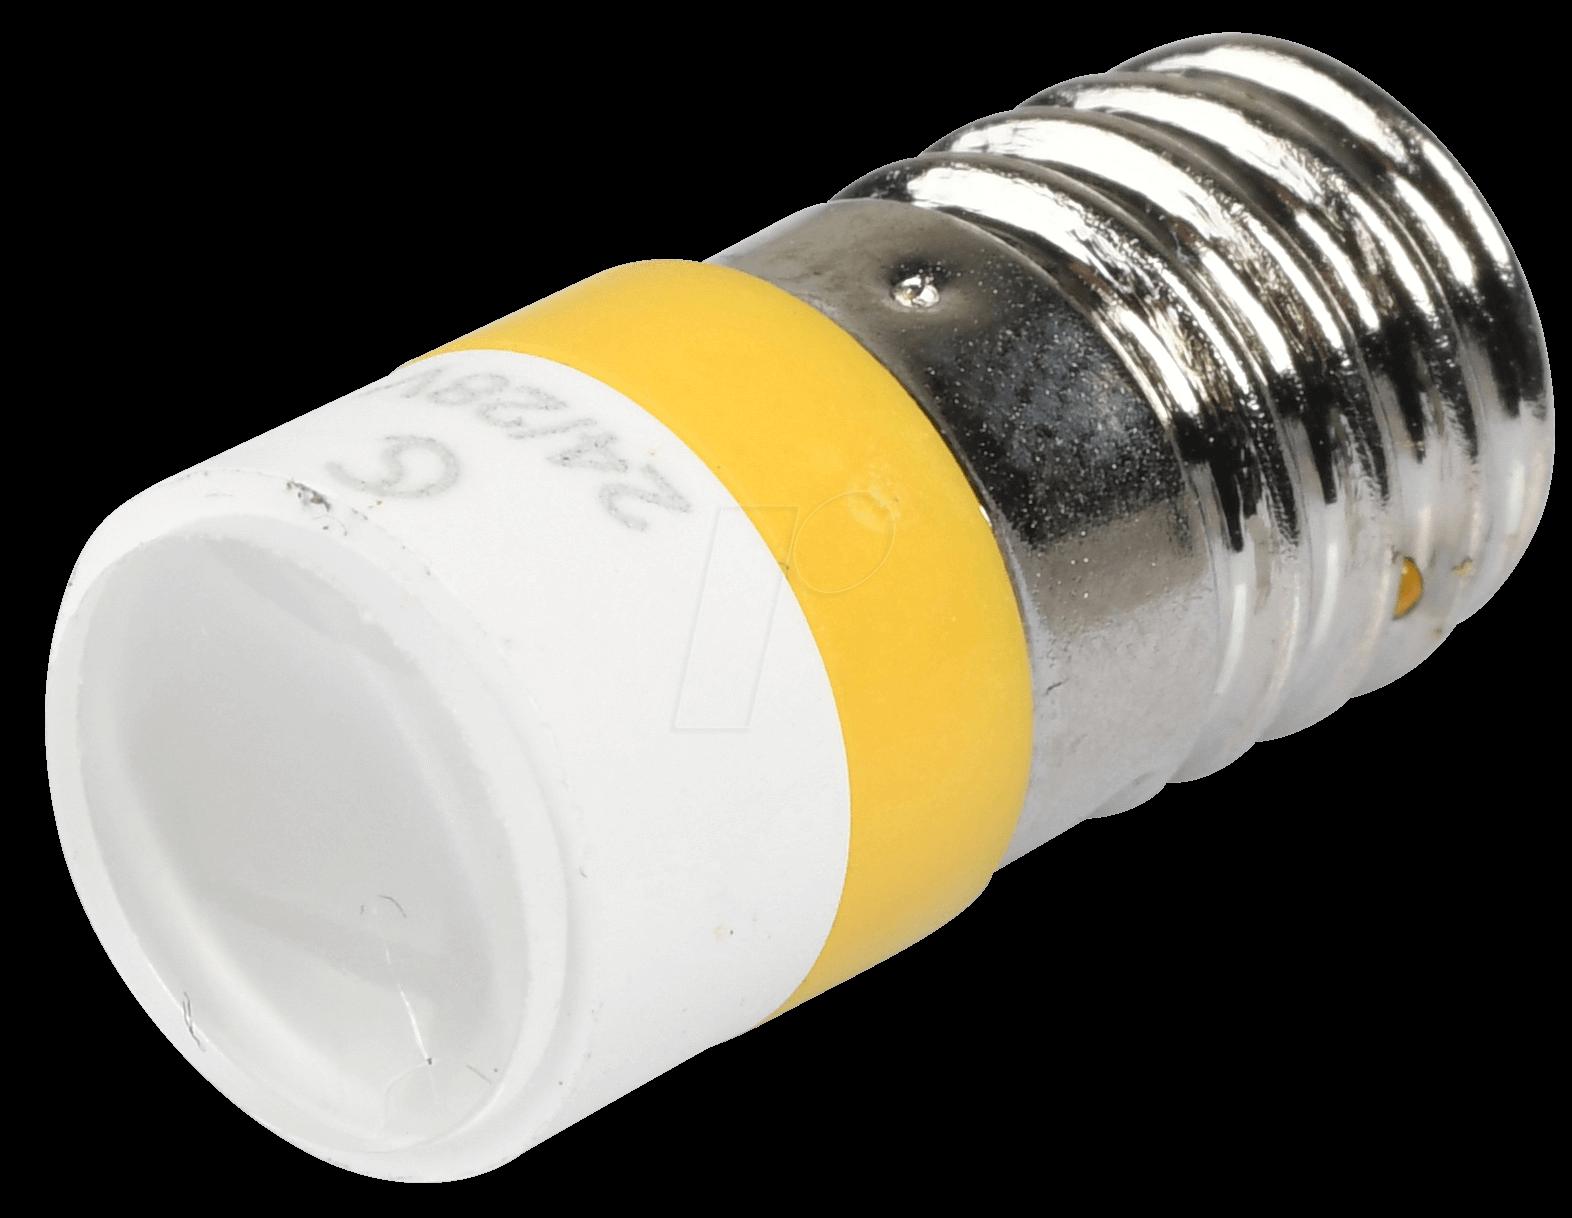 MELE 2214 - LED-Spot-Light, E10, gelb, 24 V, 35...